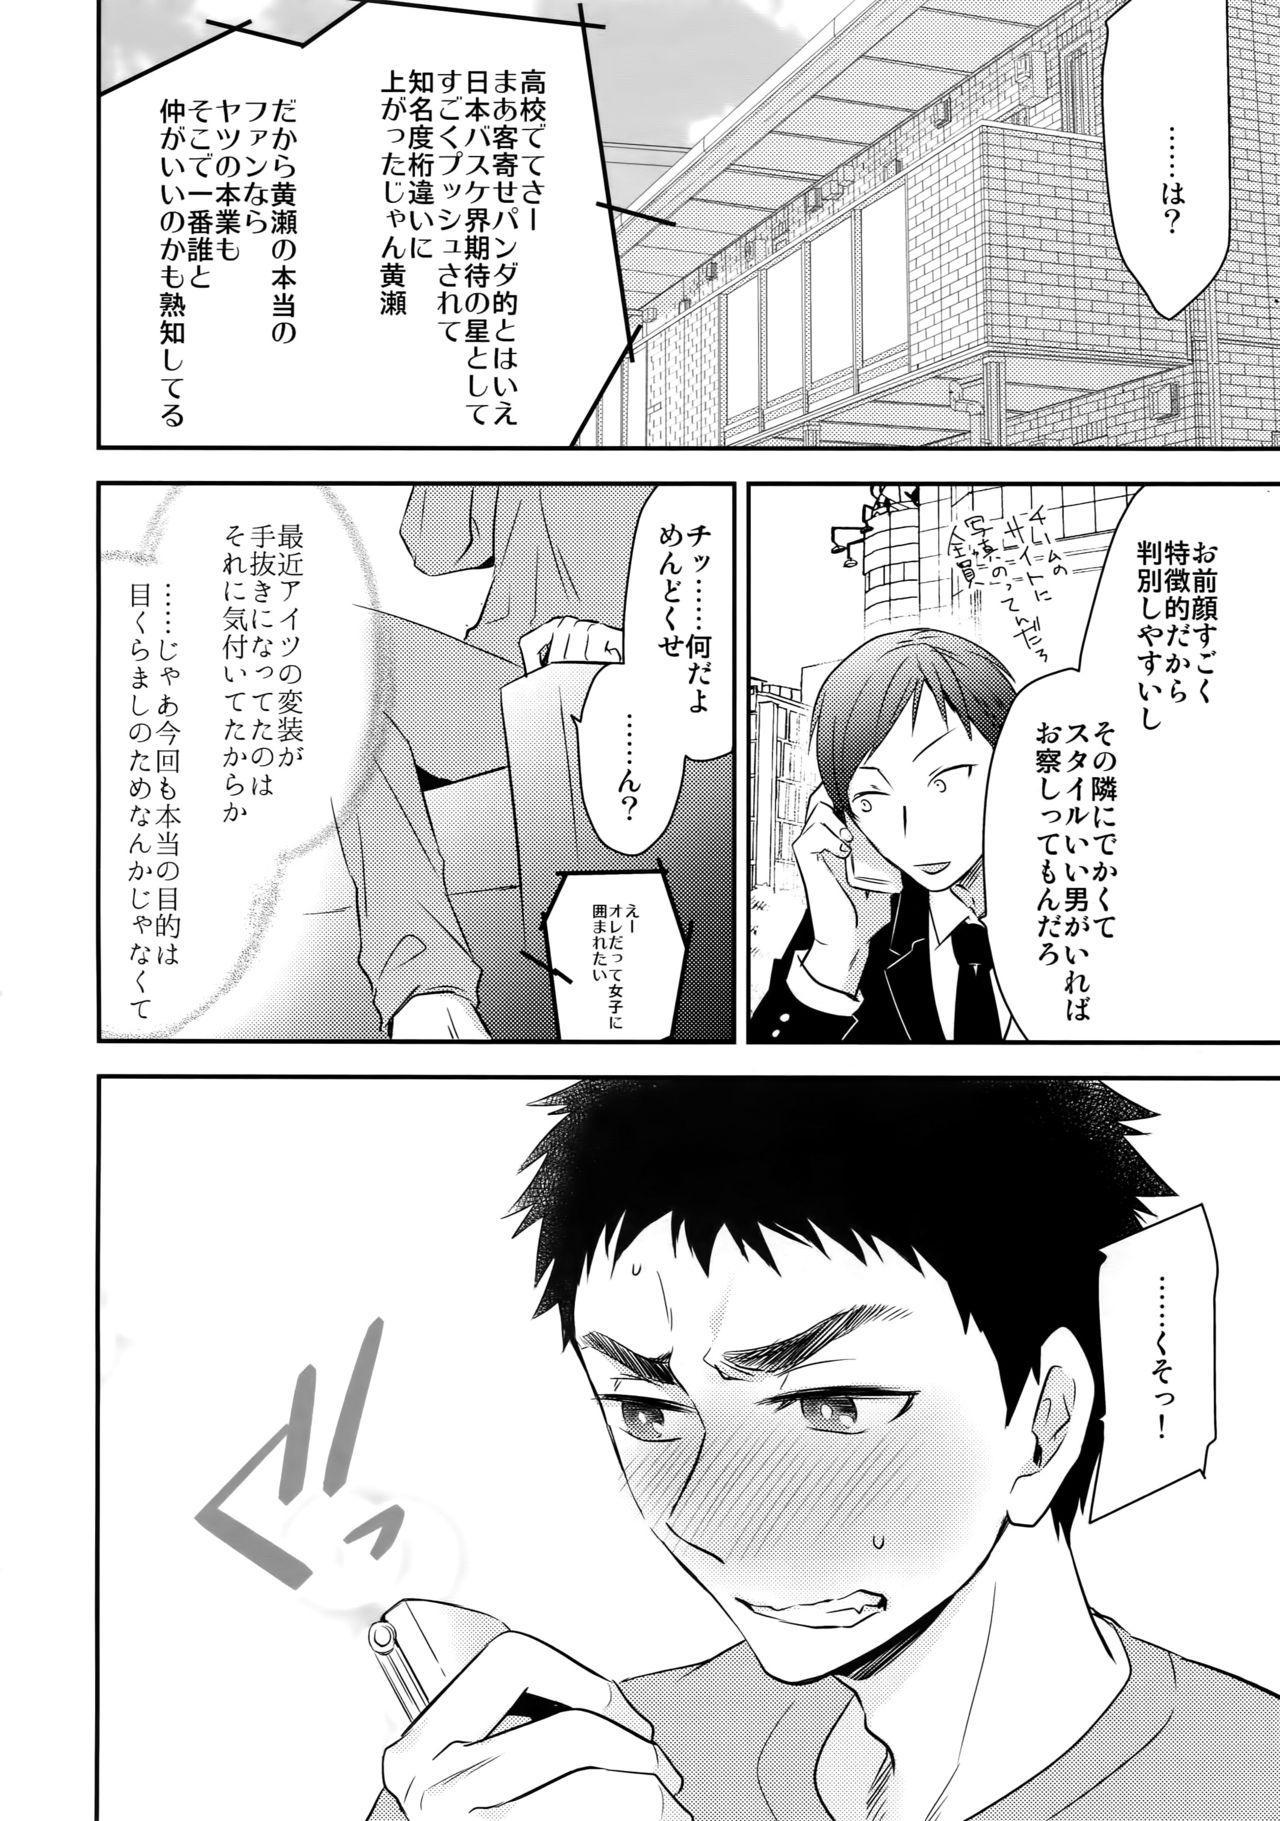 [Bakuchi Jinsei SP (Satsuki Fumi)] Kanpeki Kareshi to Zettai Ryouiki Ouji-sama - Another Version - (Kuroko no Basket) 56